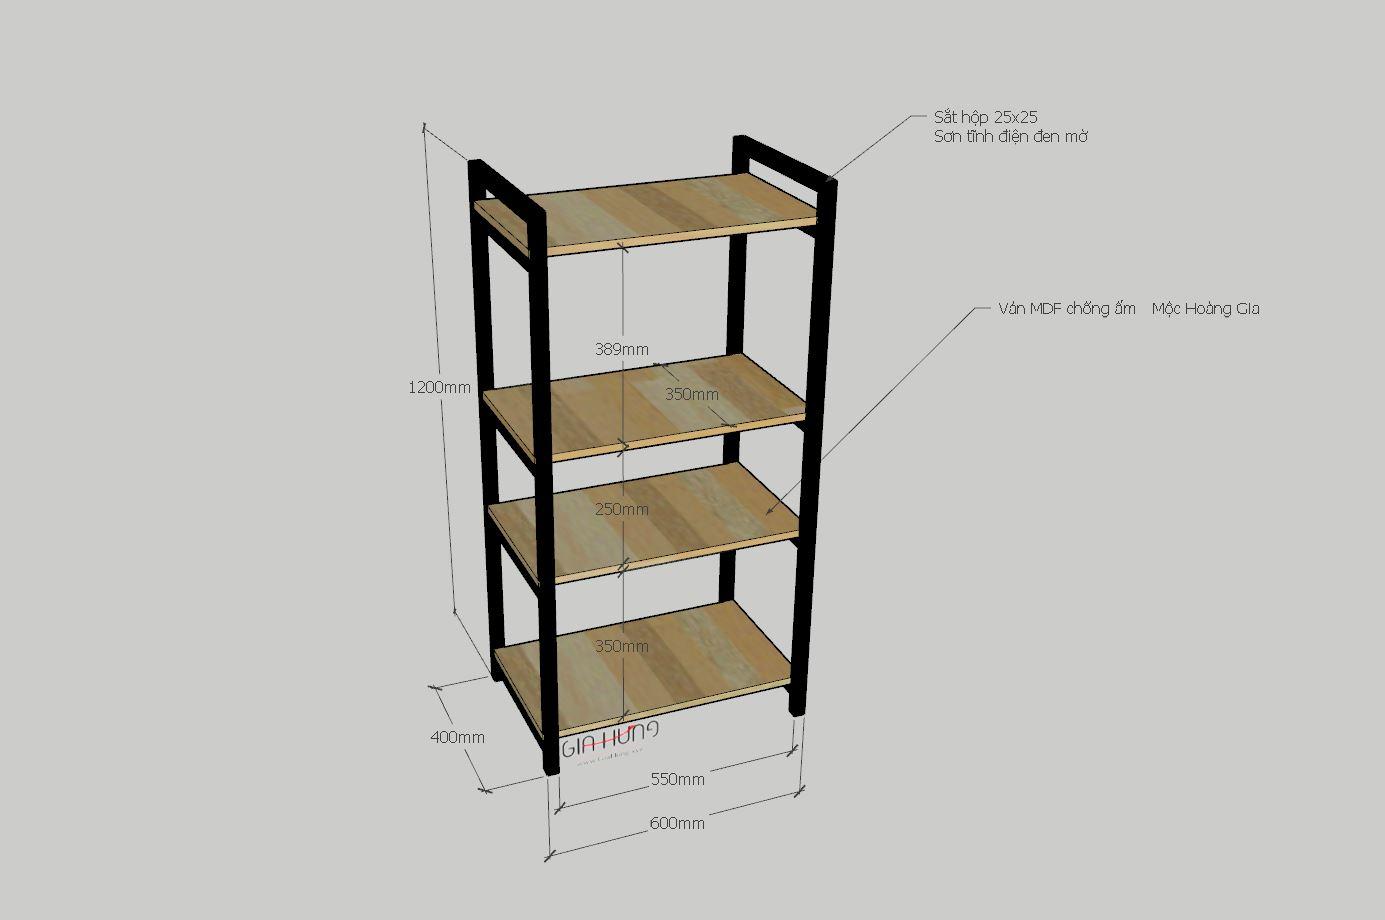 Kệ để lò vi sóng gia đình khung chân sắt mặt gỗ GHK-157